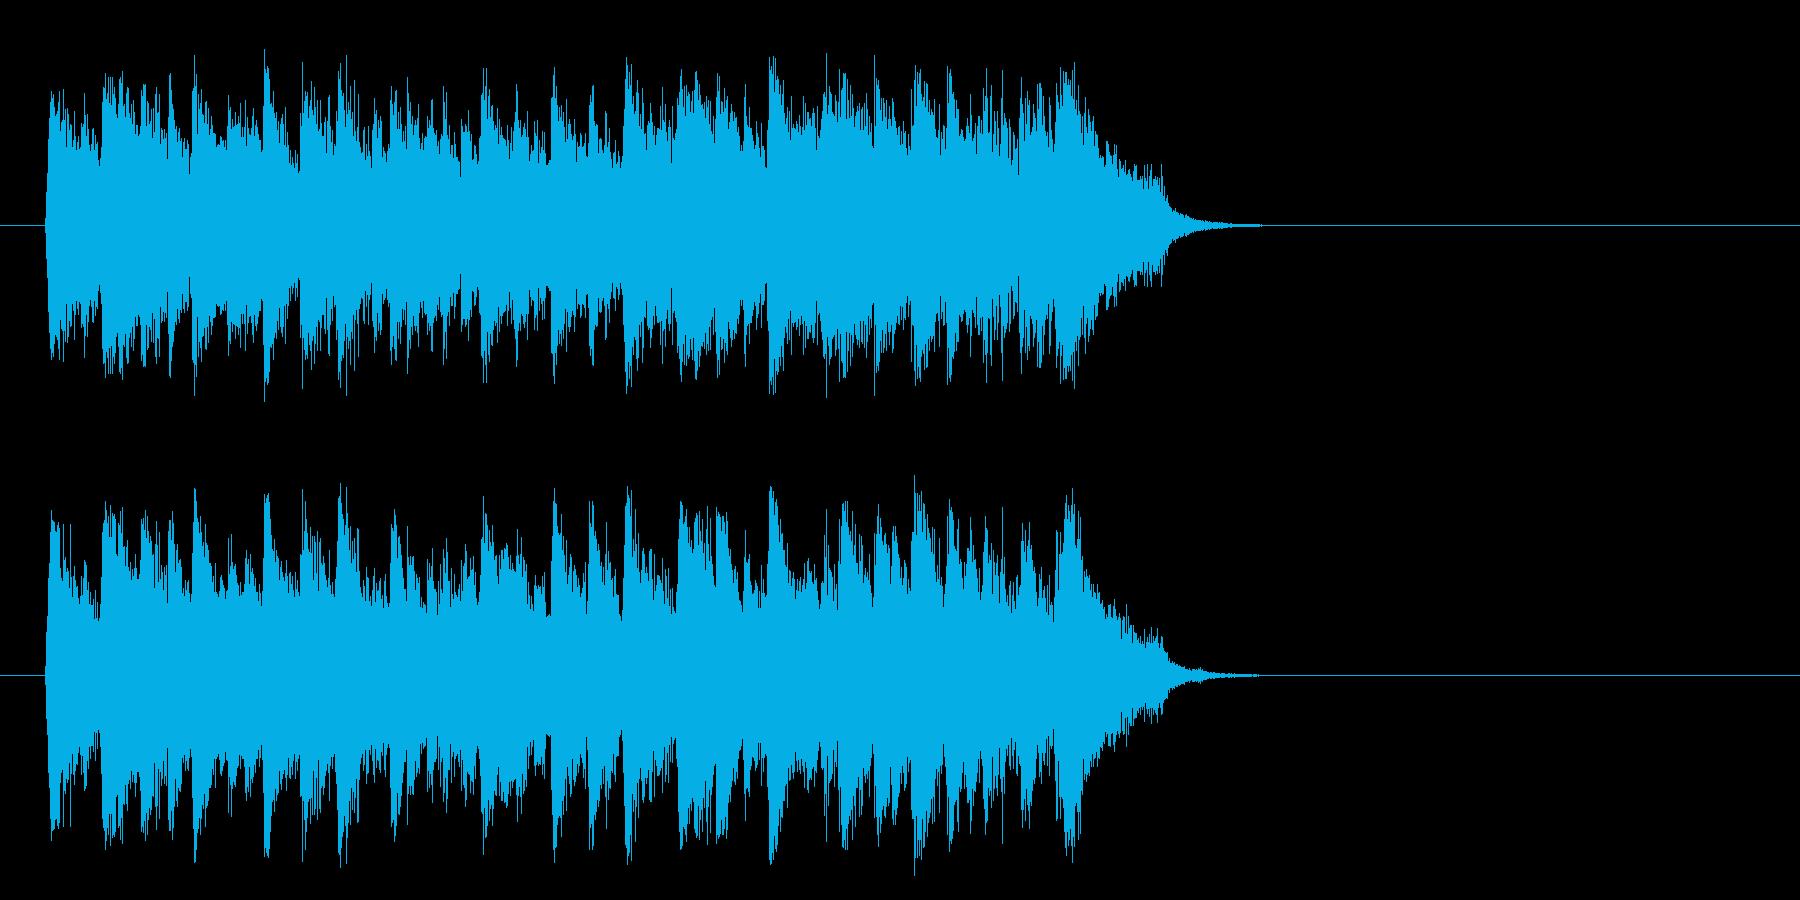 感動のピアノ・バラード(サビ)の再生済みの波形